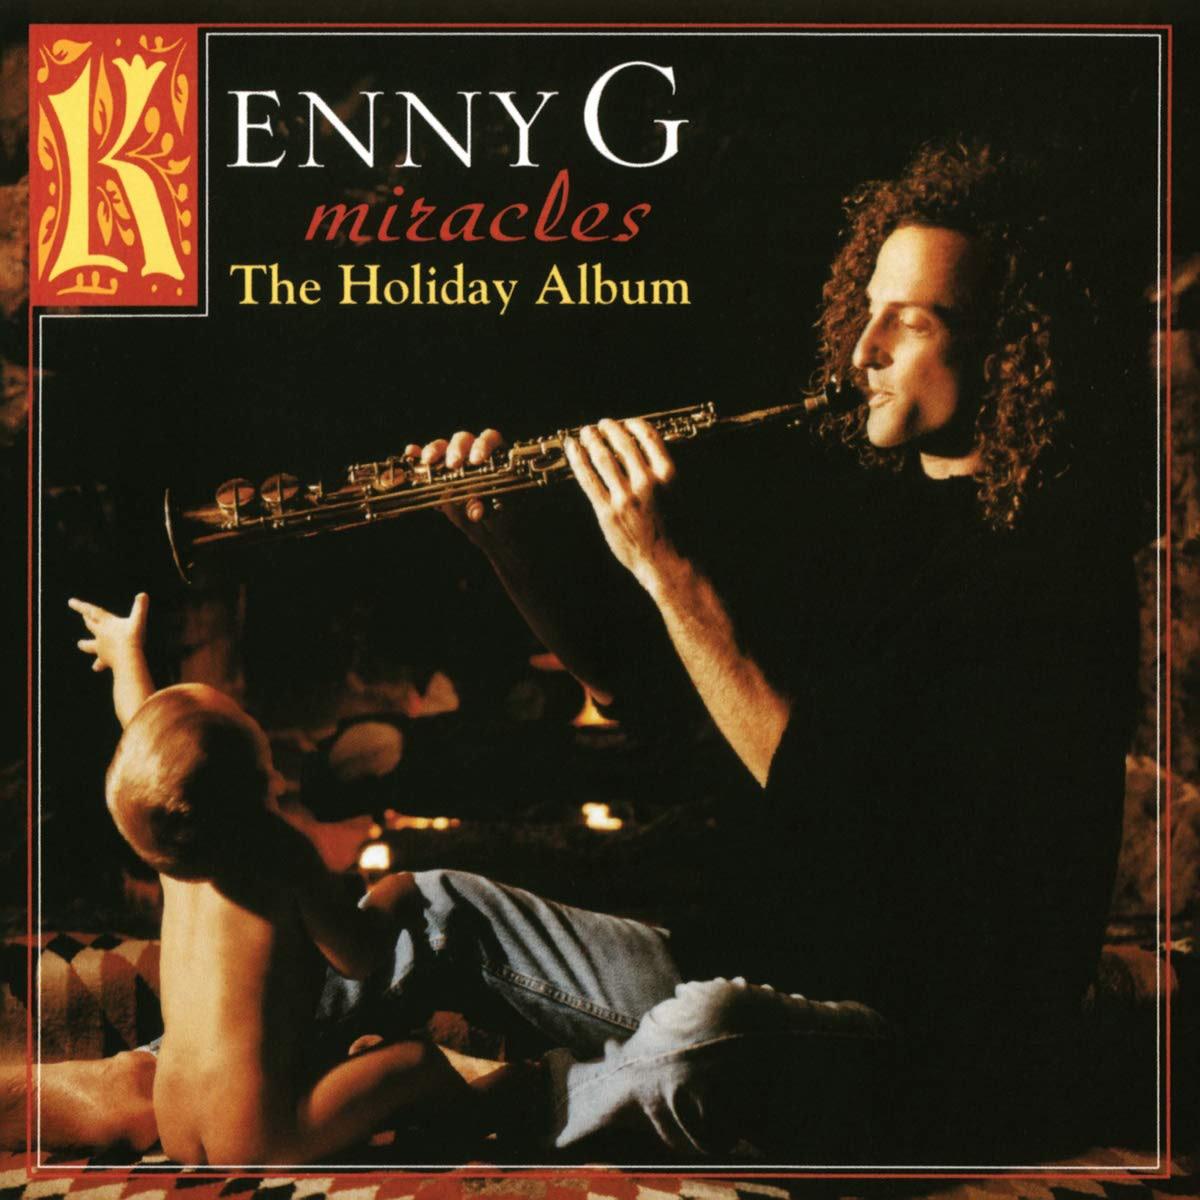 Sony Legacy's vinyl reissue of Kenny G's holiday album.